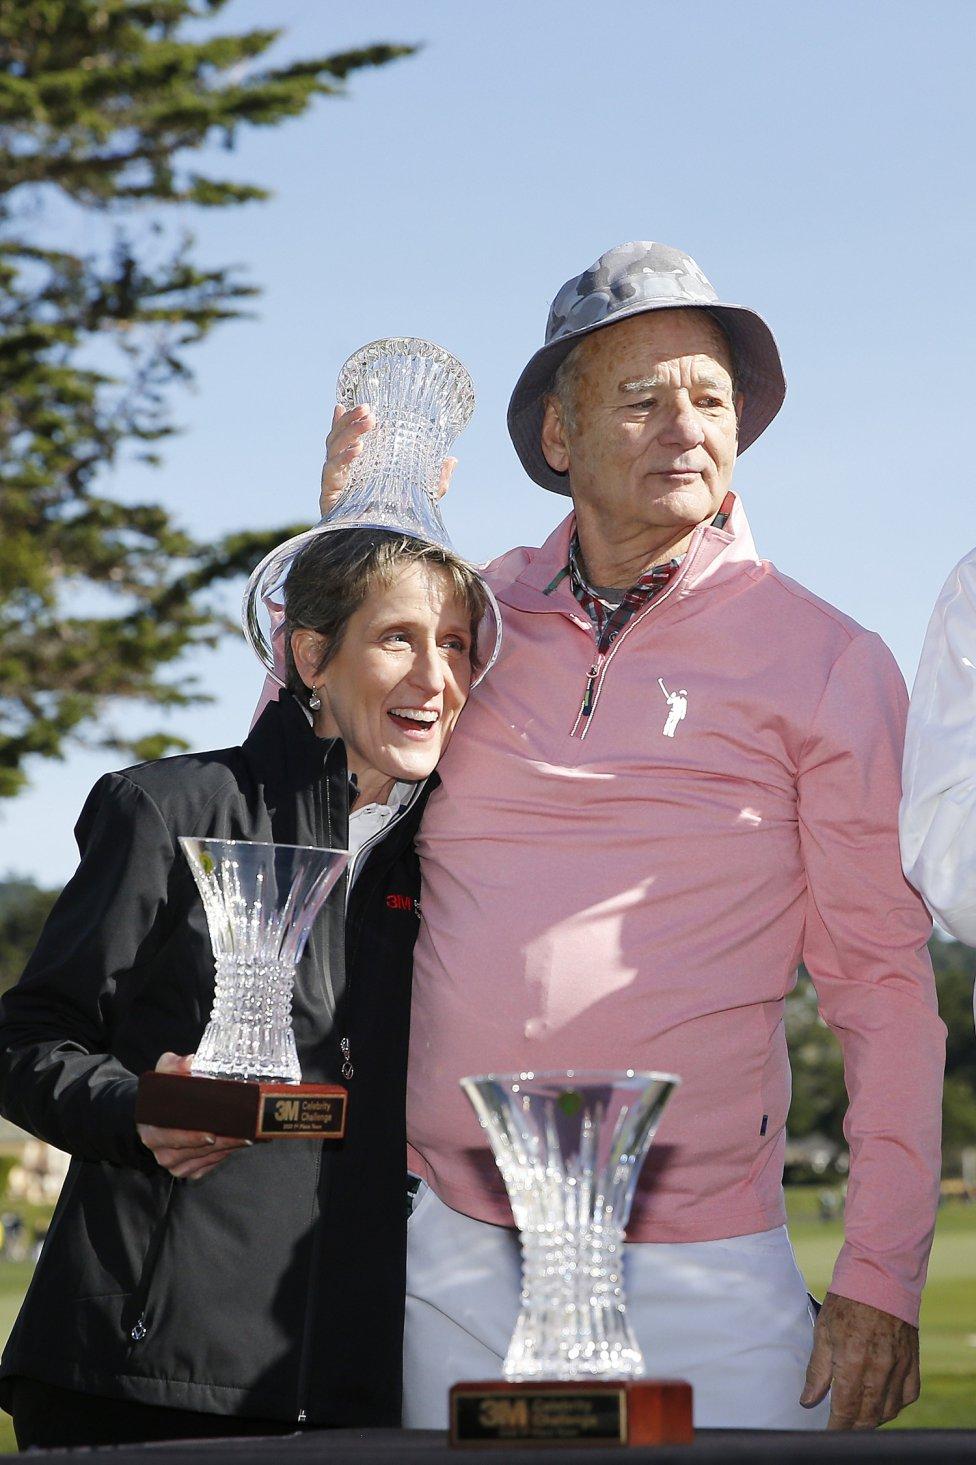 El actor Bill Murray pone el trofeo en la cabeza de la Vicepresidenta Senior de Asuntos Corporativos de 3M, Denise Rutherford, después del 3M Celebrity Challenge de golf celebrado en Pebble Beach, California.